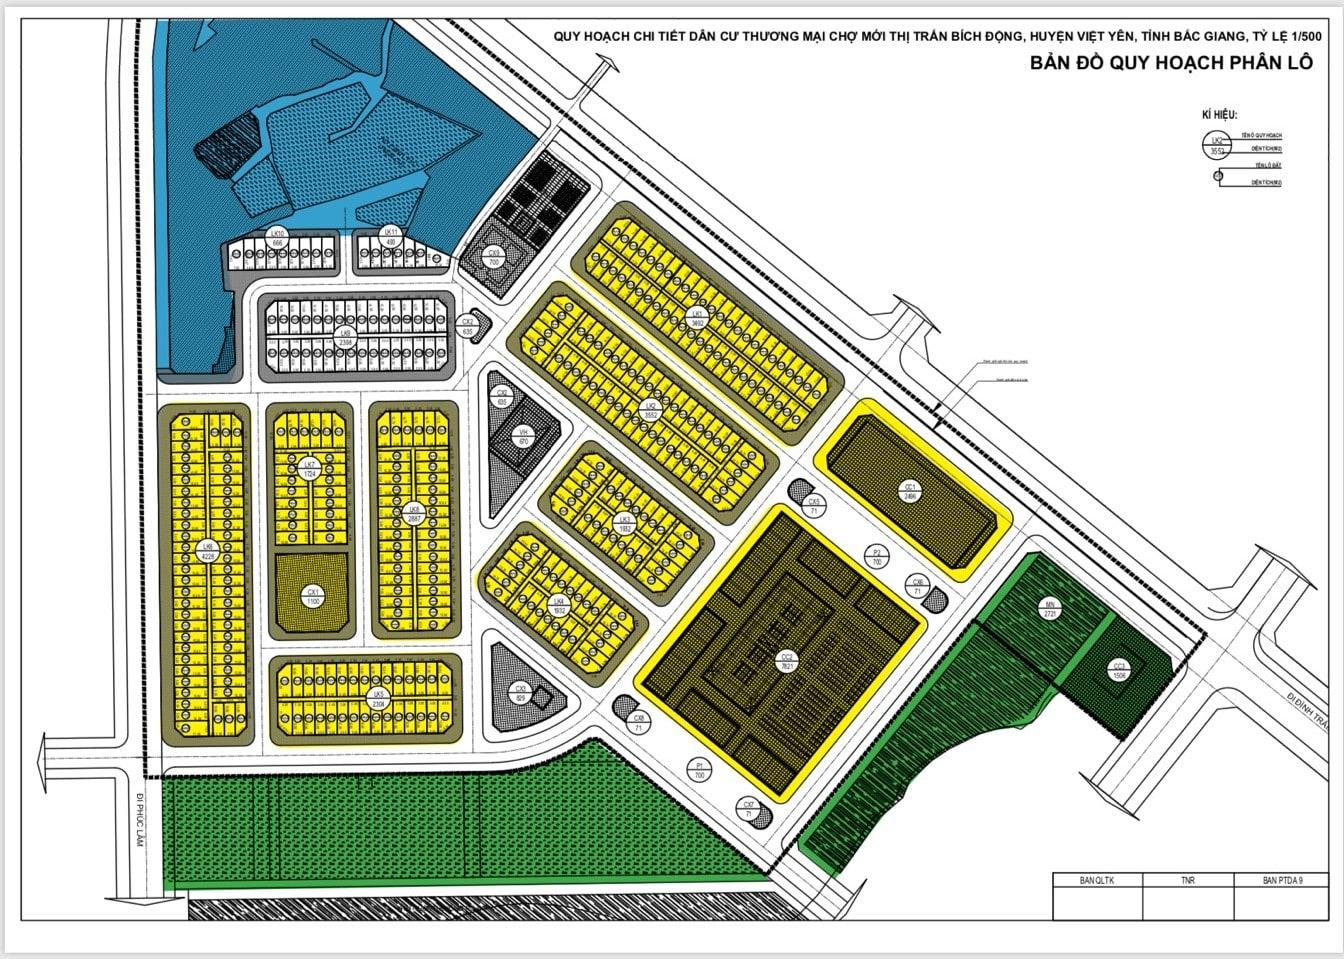 bản đồ quy hoạch phân lô dự án TNR Stars Bích Động